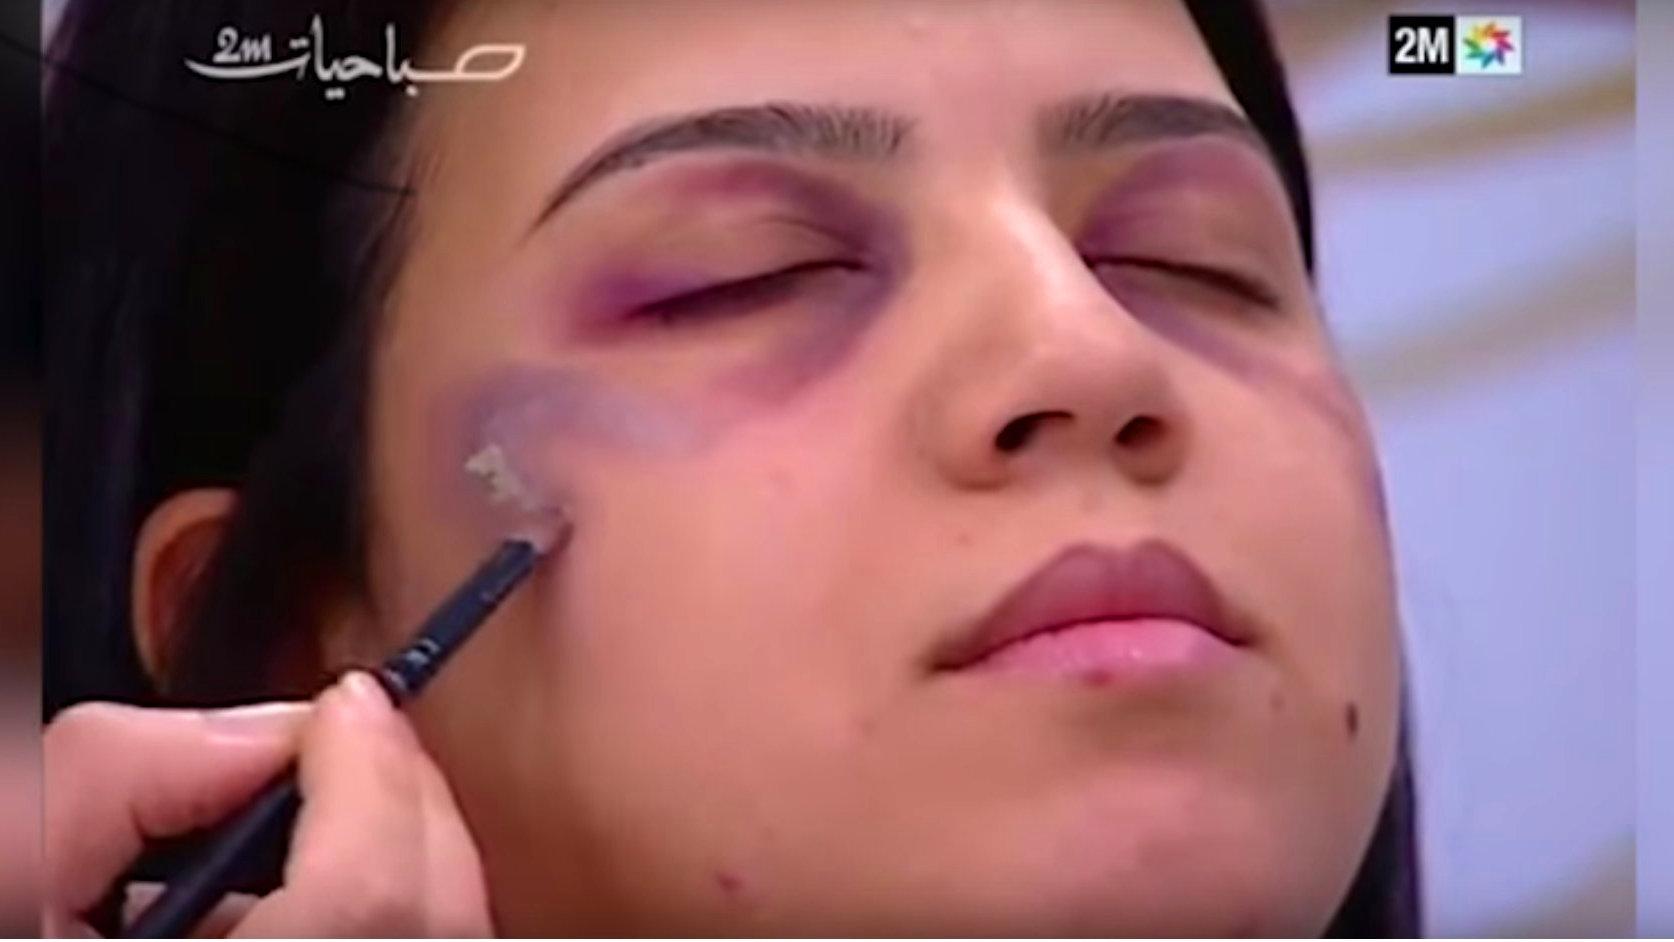 Marokko: TV-Sender gibt Schminktipps für geschlagene Frauen